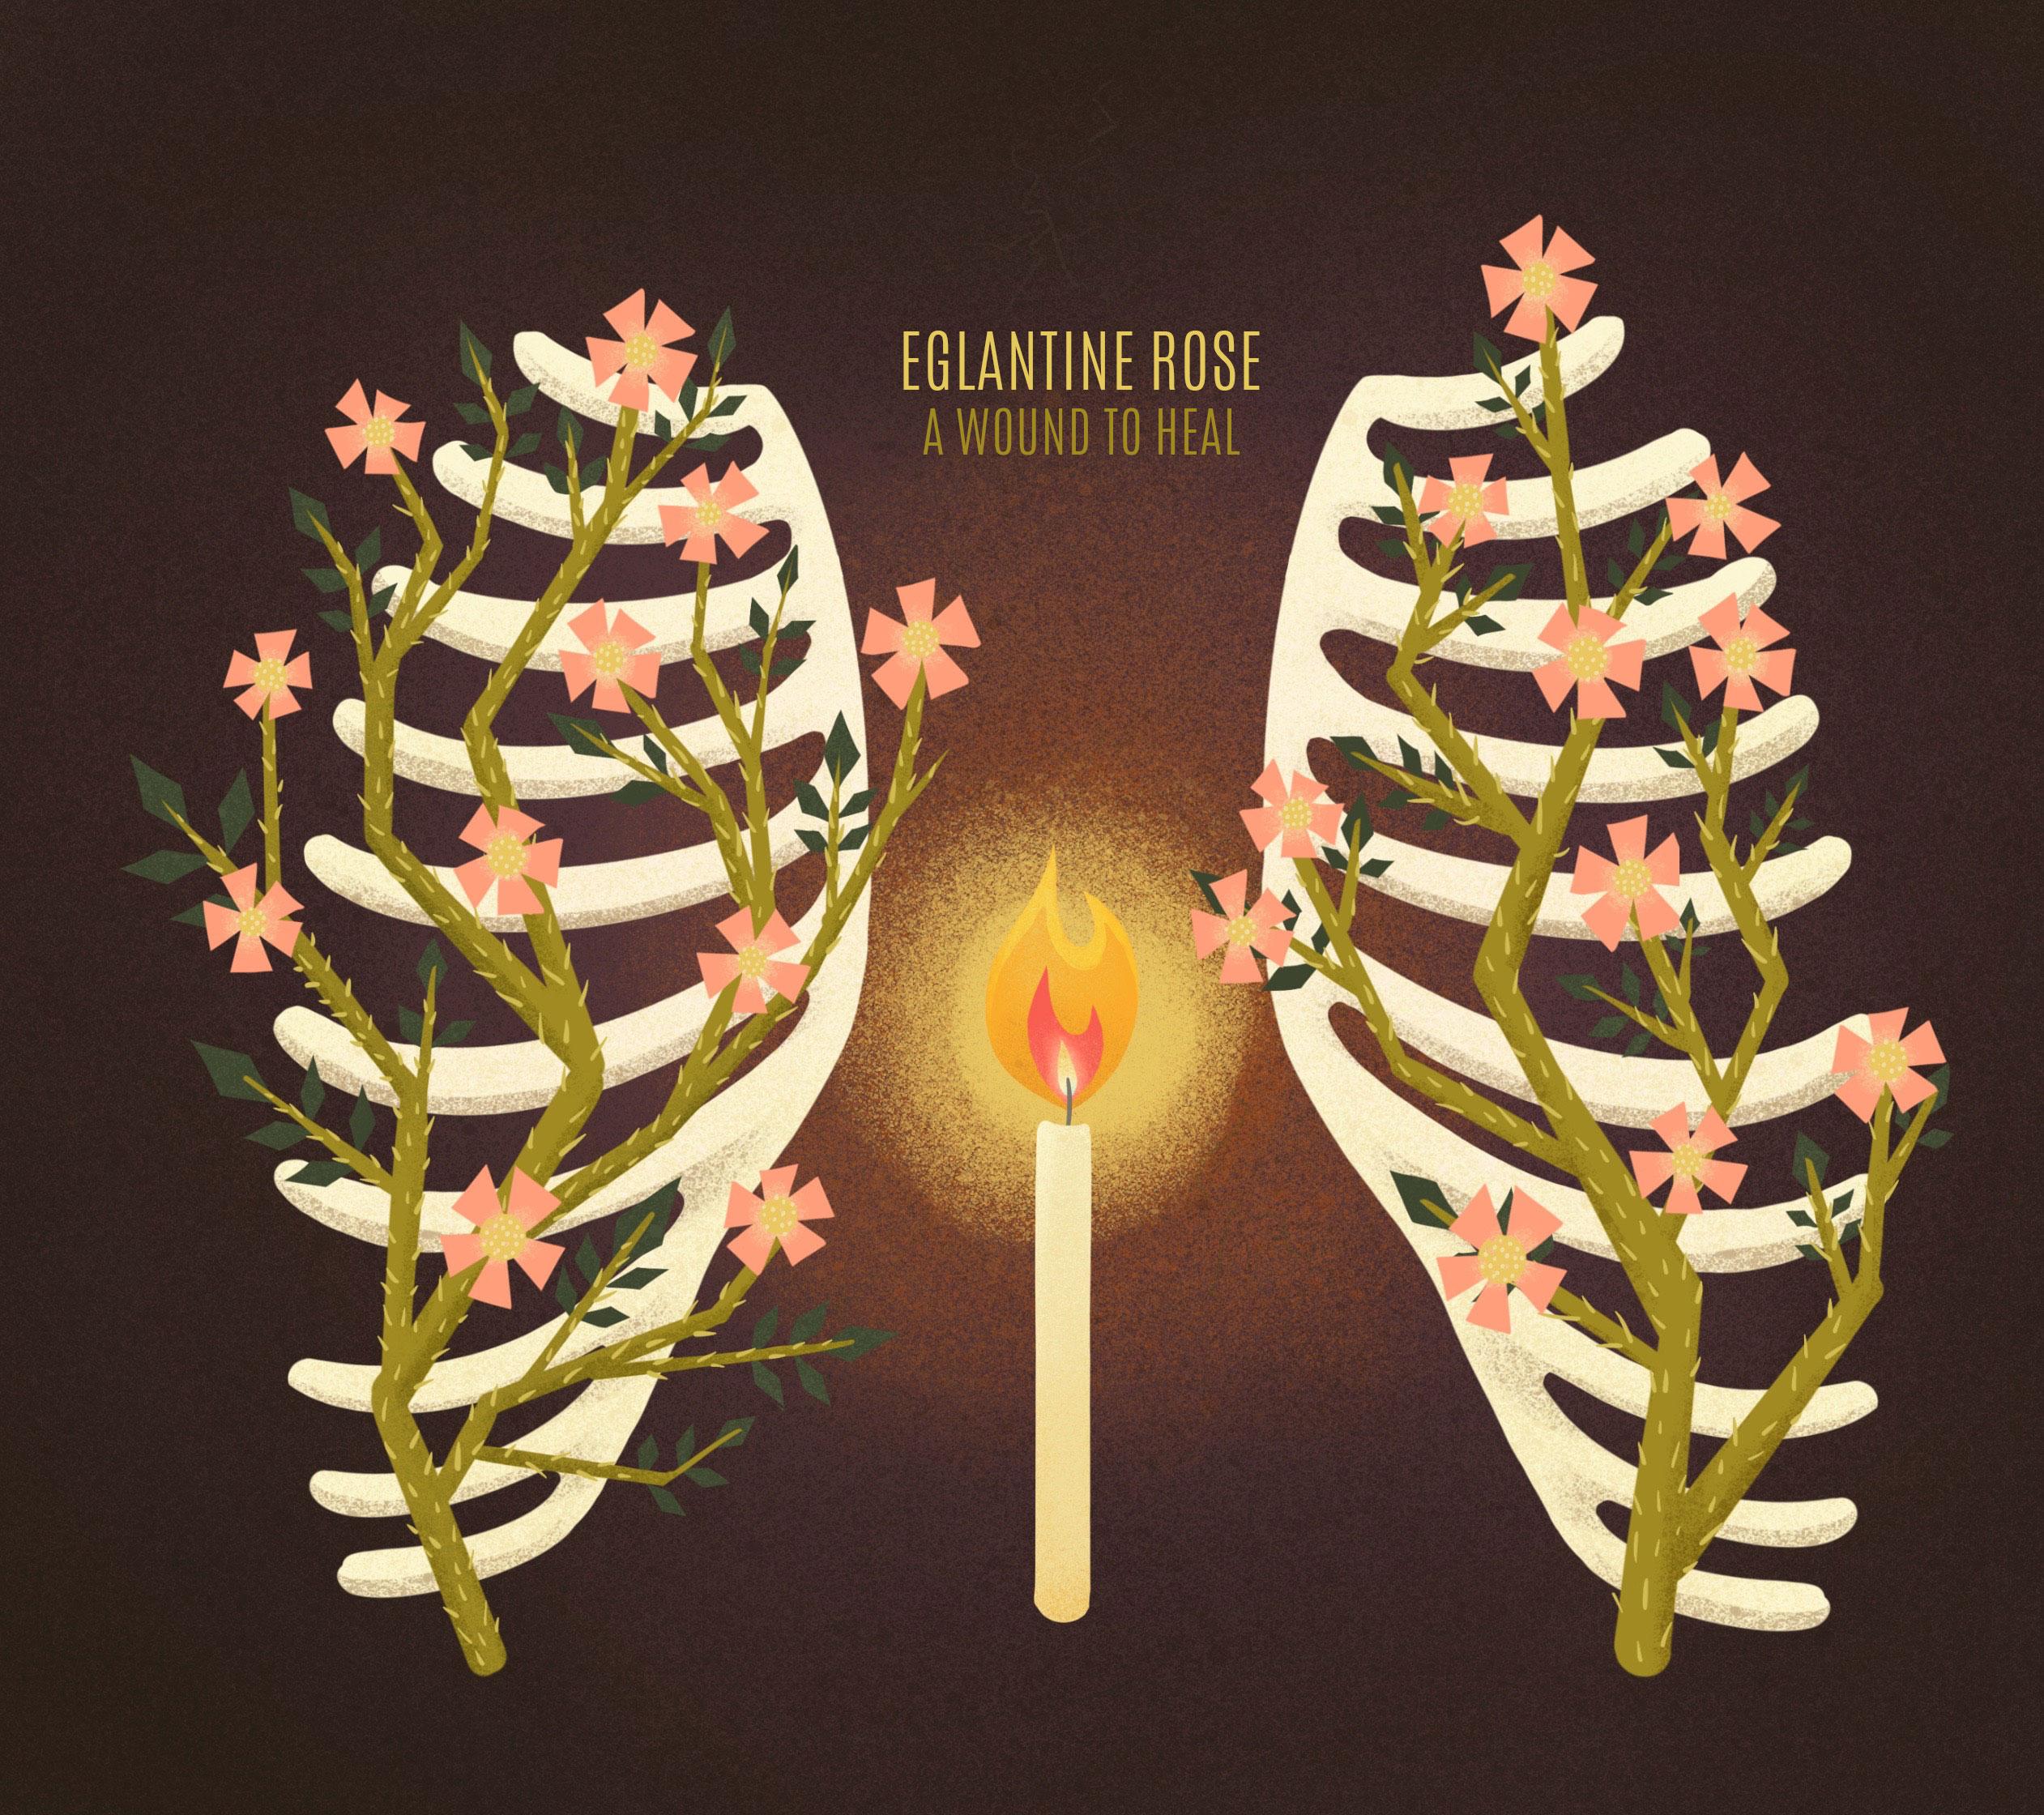 Eglantine Roses